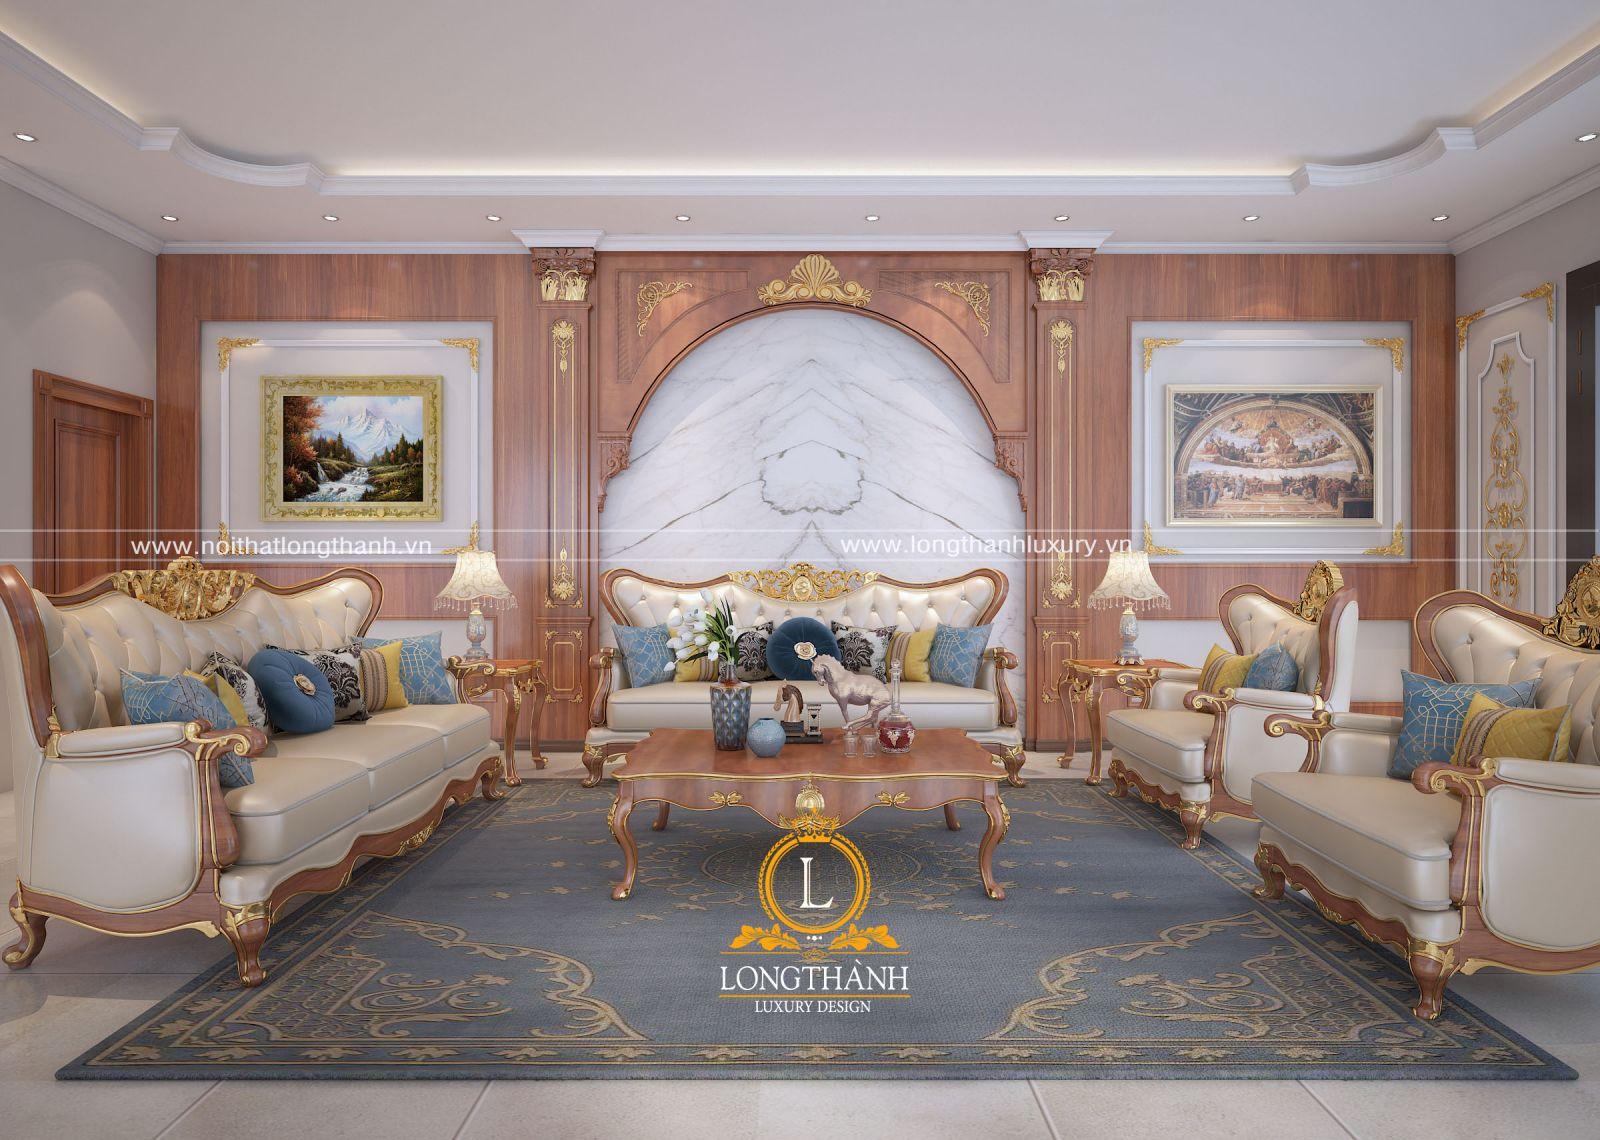 Thiết kế nội thất dựa vào tổng thể của ngôi nhà